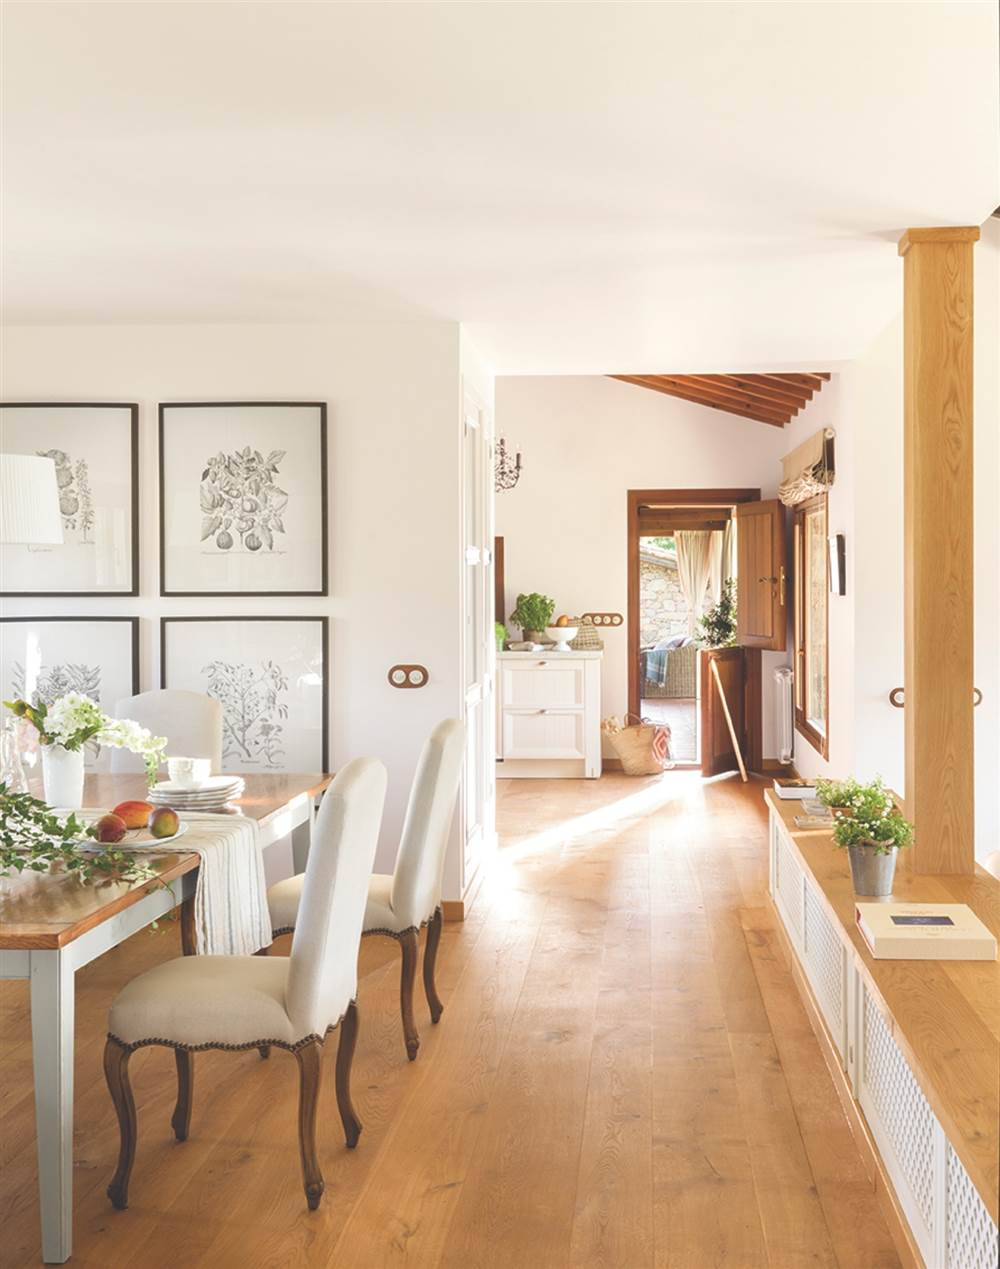 Renovar el suelo pros contras y precio de 5 materiales - Suelo de madera ...